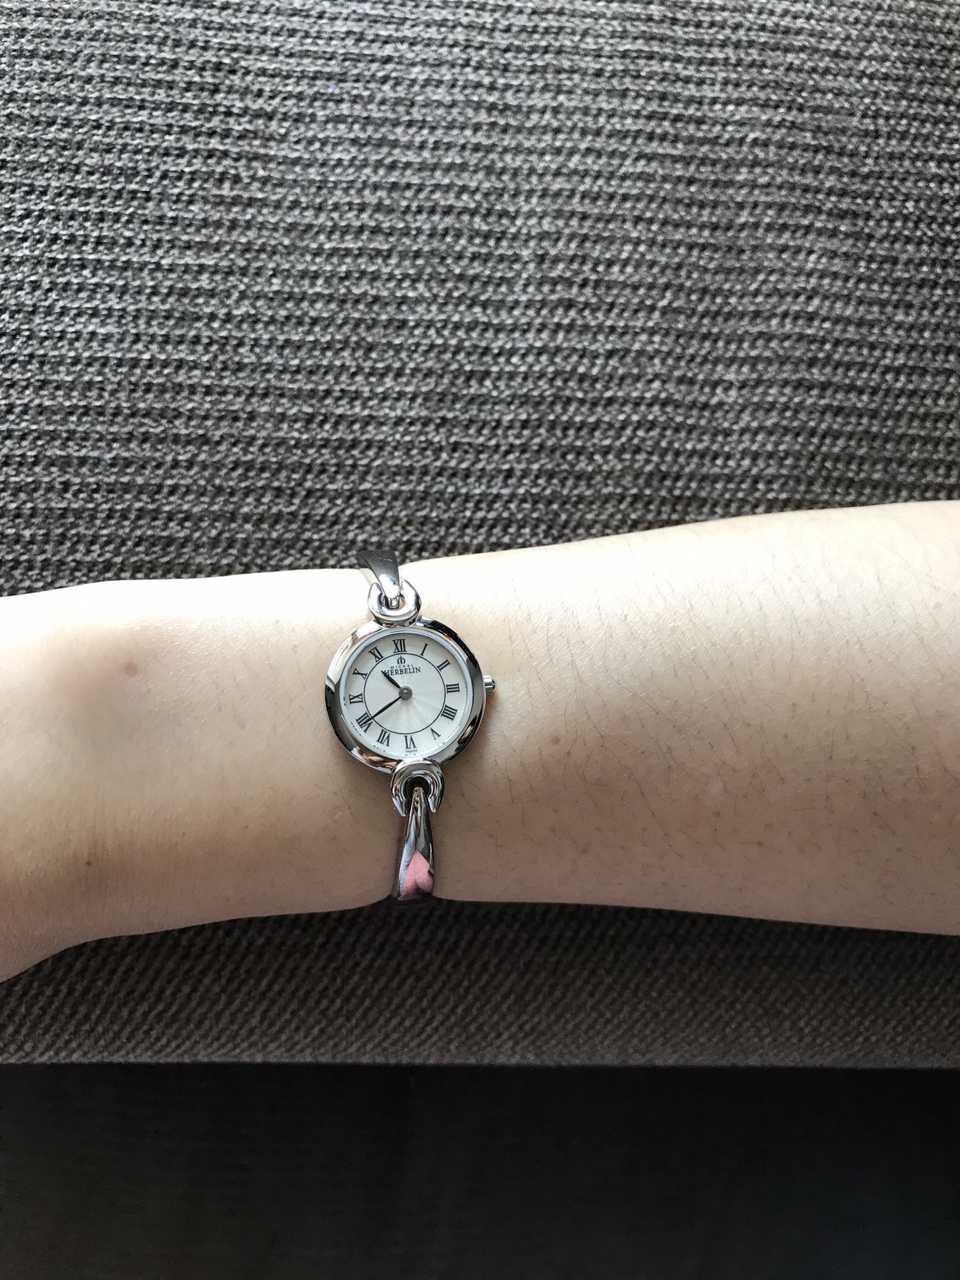 赫柏林17001/B08手表【表友晒单作业】手表款式很...